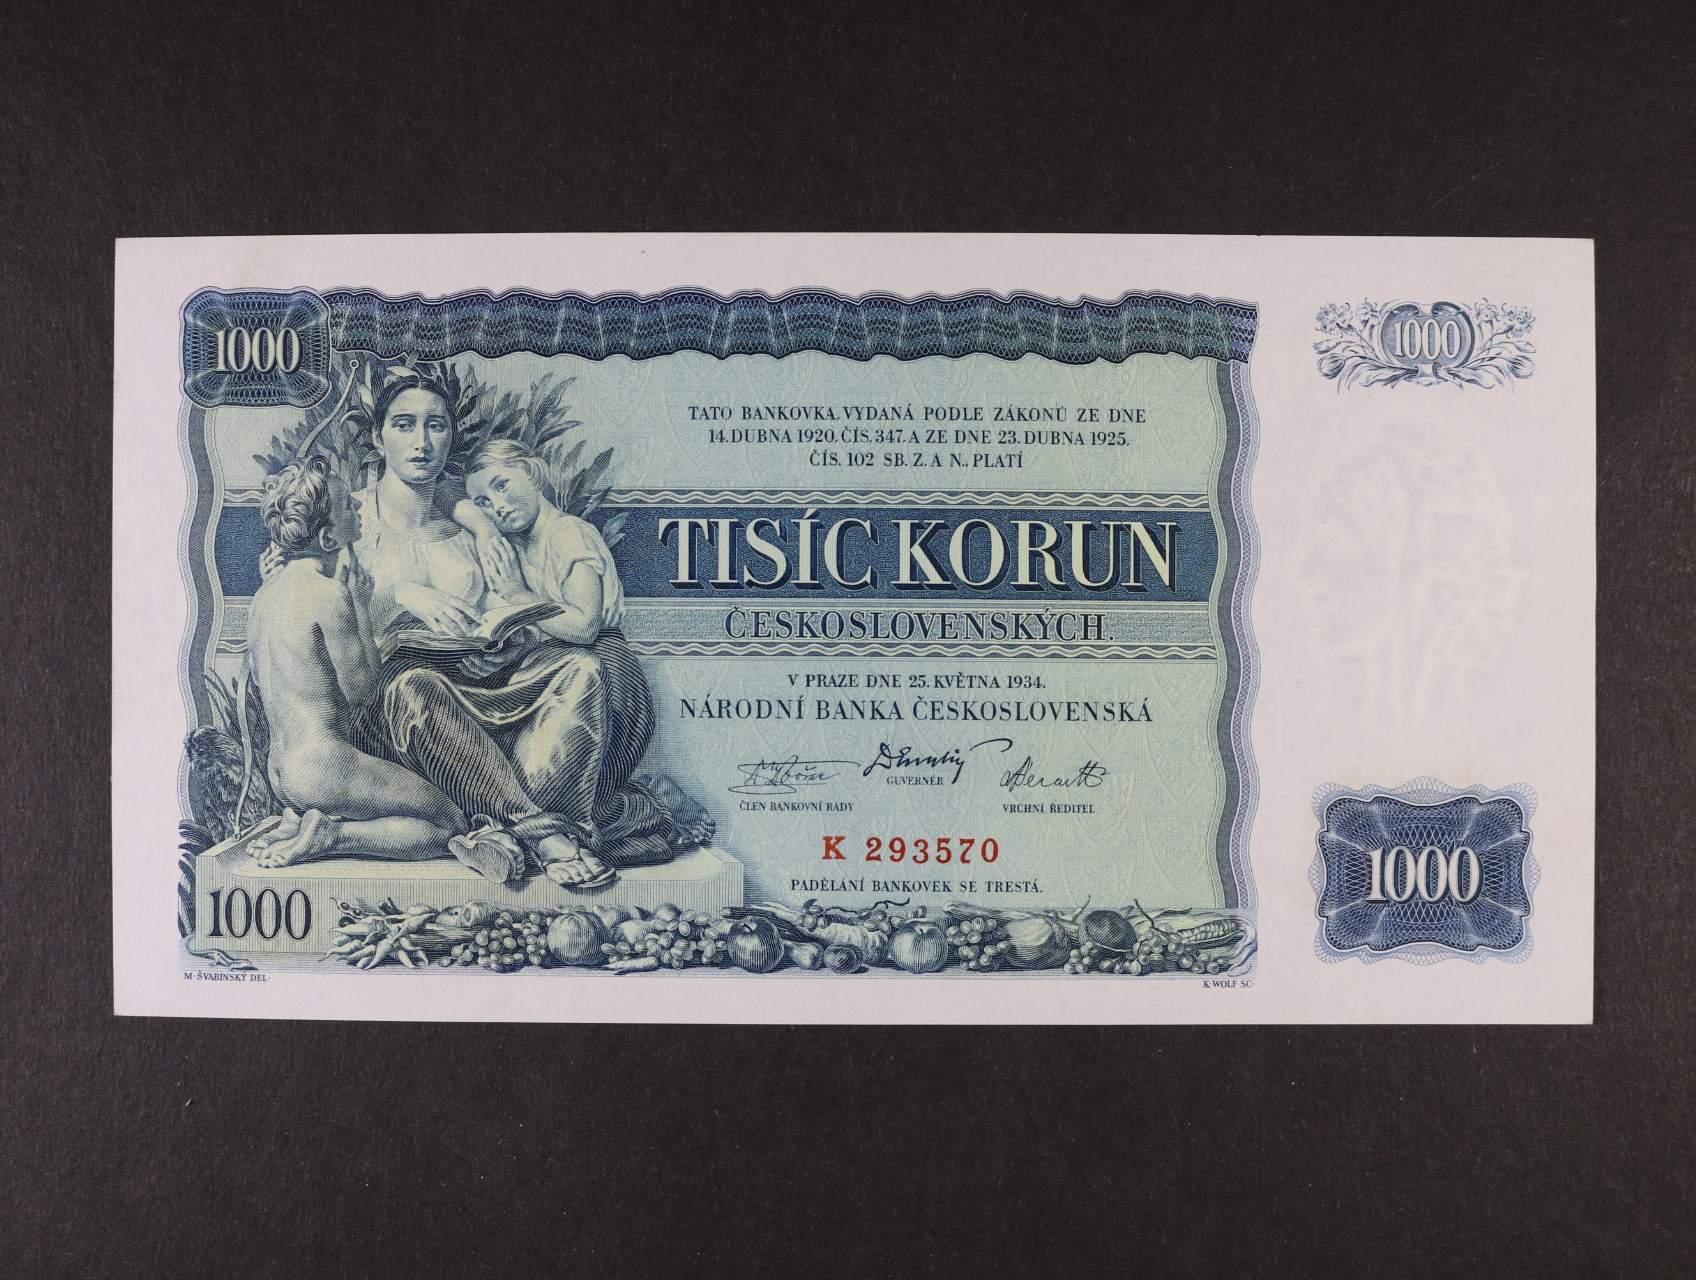 1000 Kč 25.5.1934 série K, Ba. 27, Pi. 26a